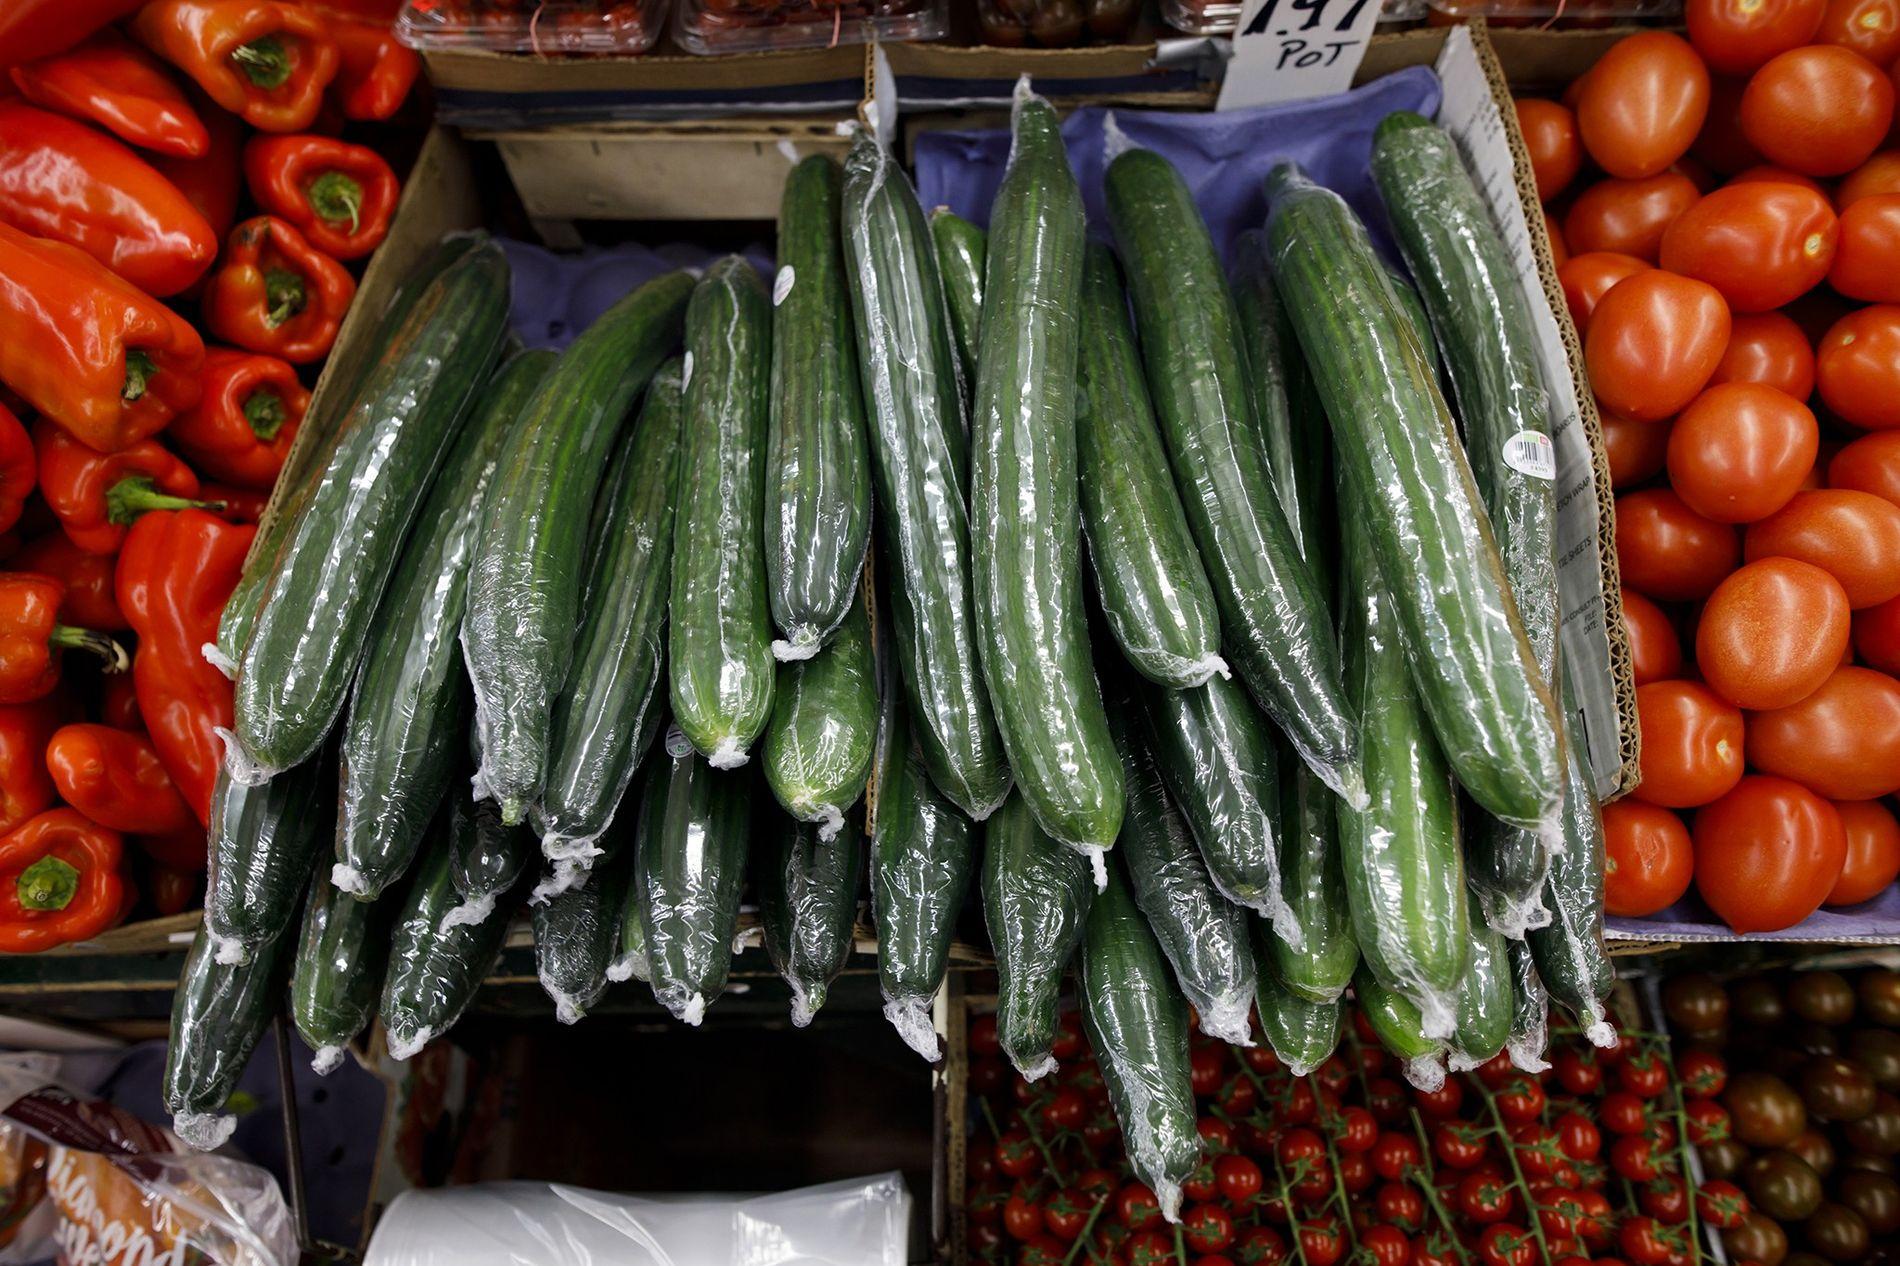 Pepinos embrulhados em plástico são exibidos em um supermercado em Toronto, no Canadá. Embalagens de alimento ...